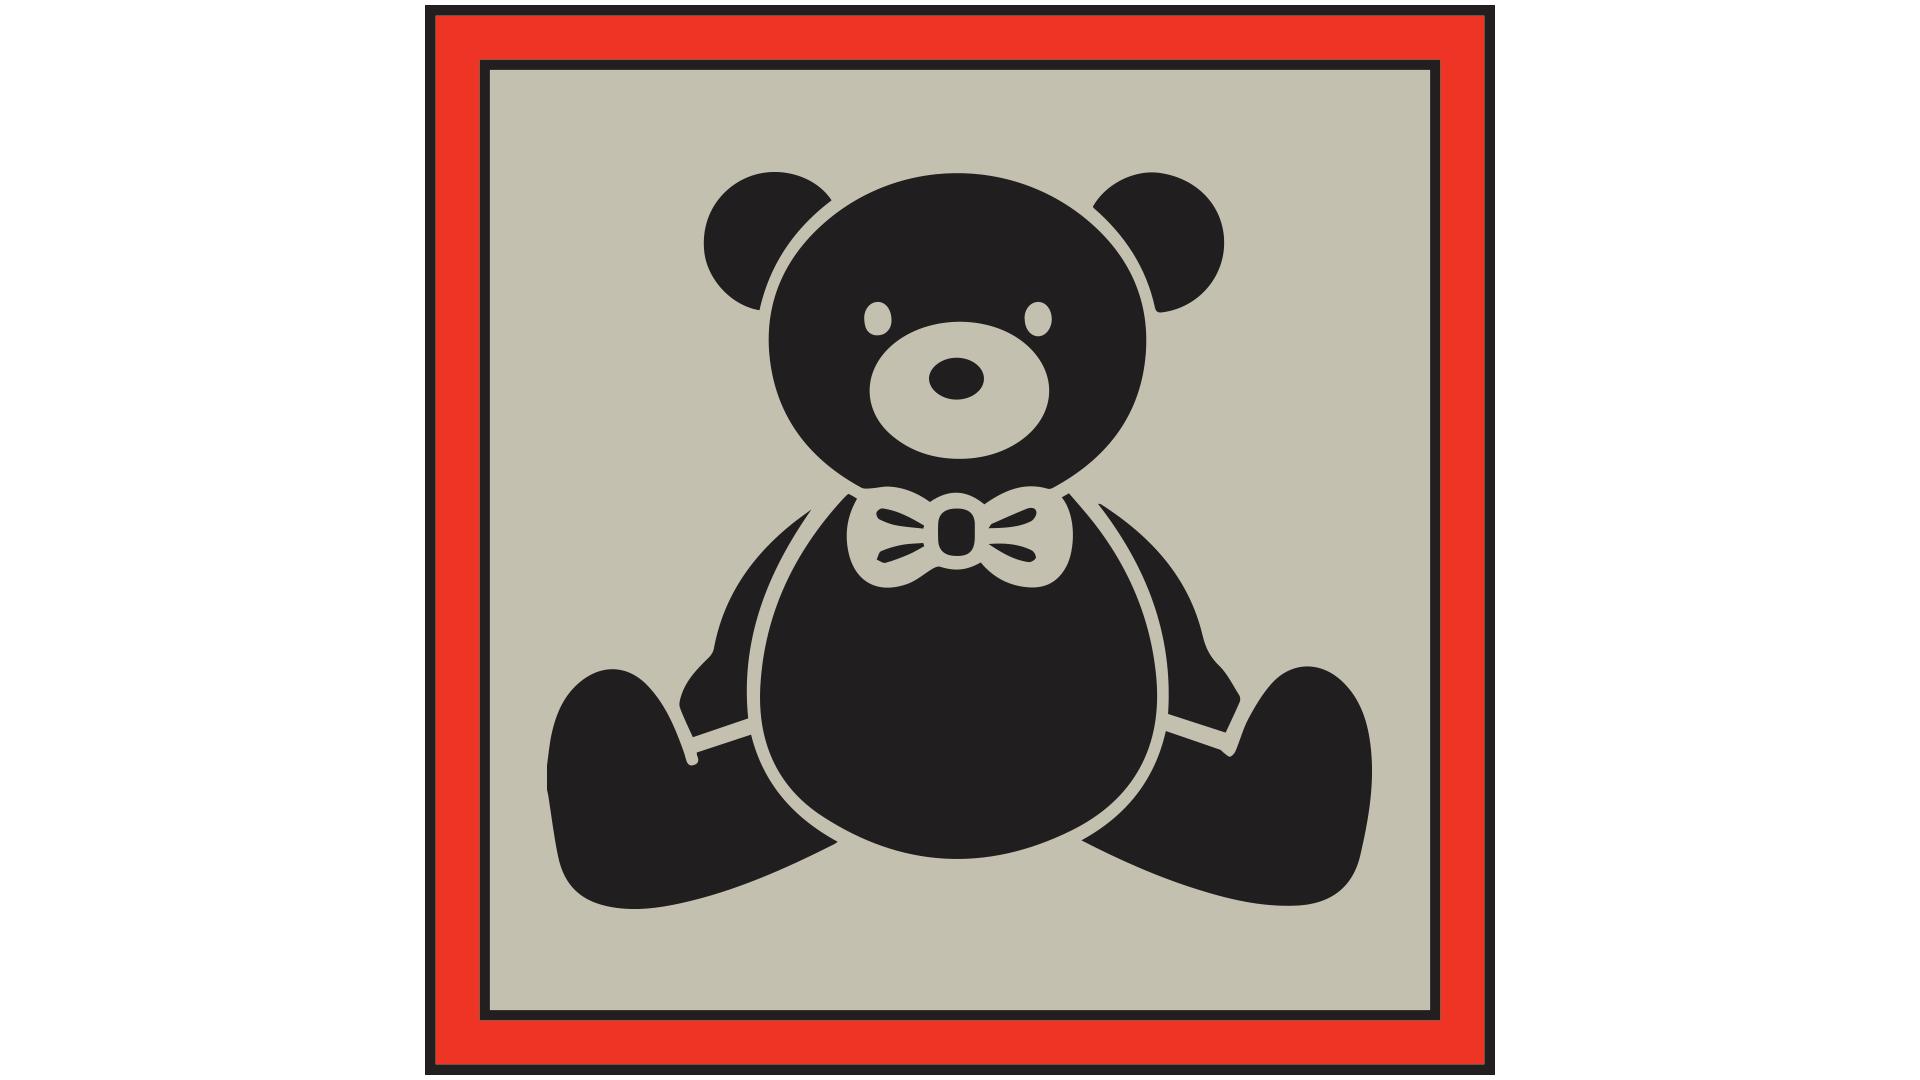 Teddy Protector